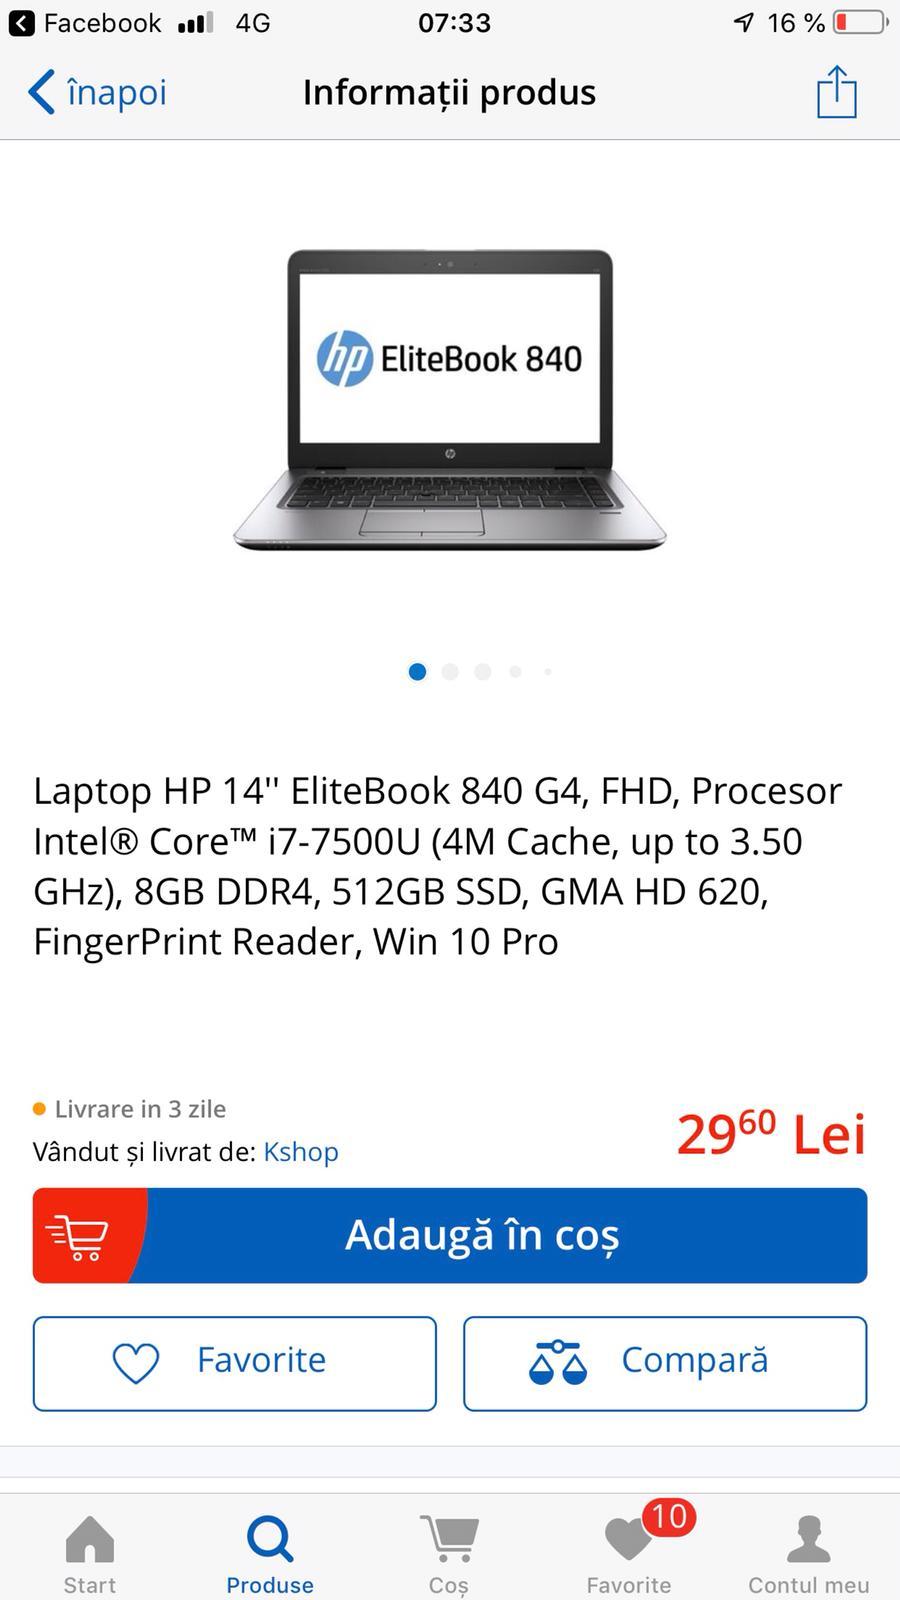 emag market si preturile gresite, laptopuri la numai 30 de lei